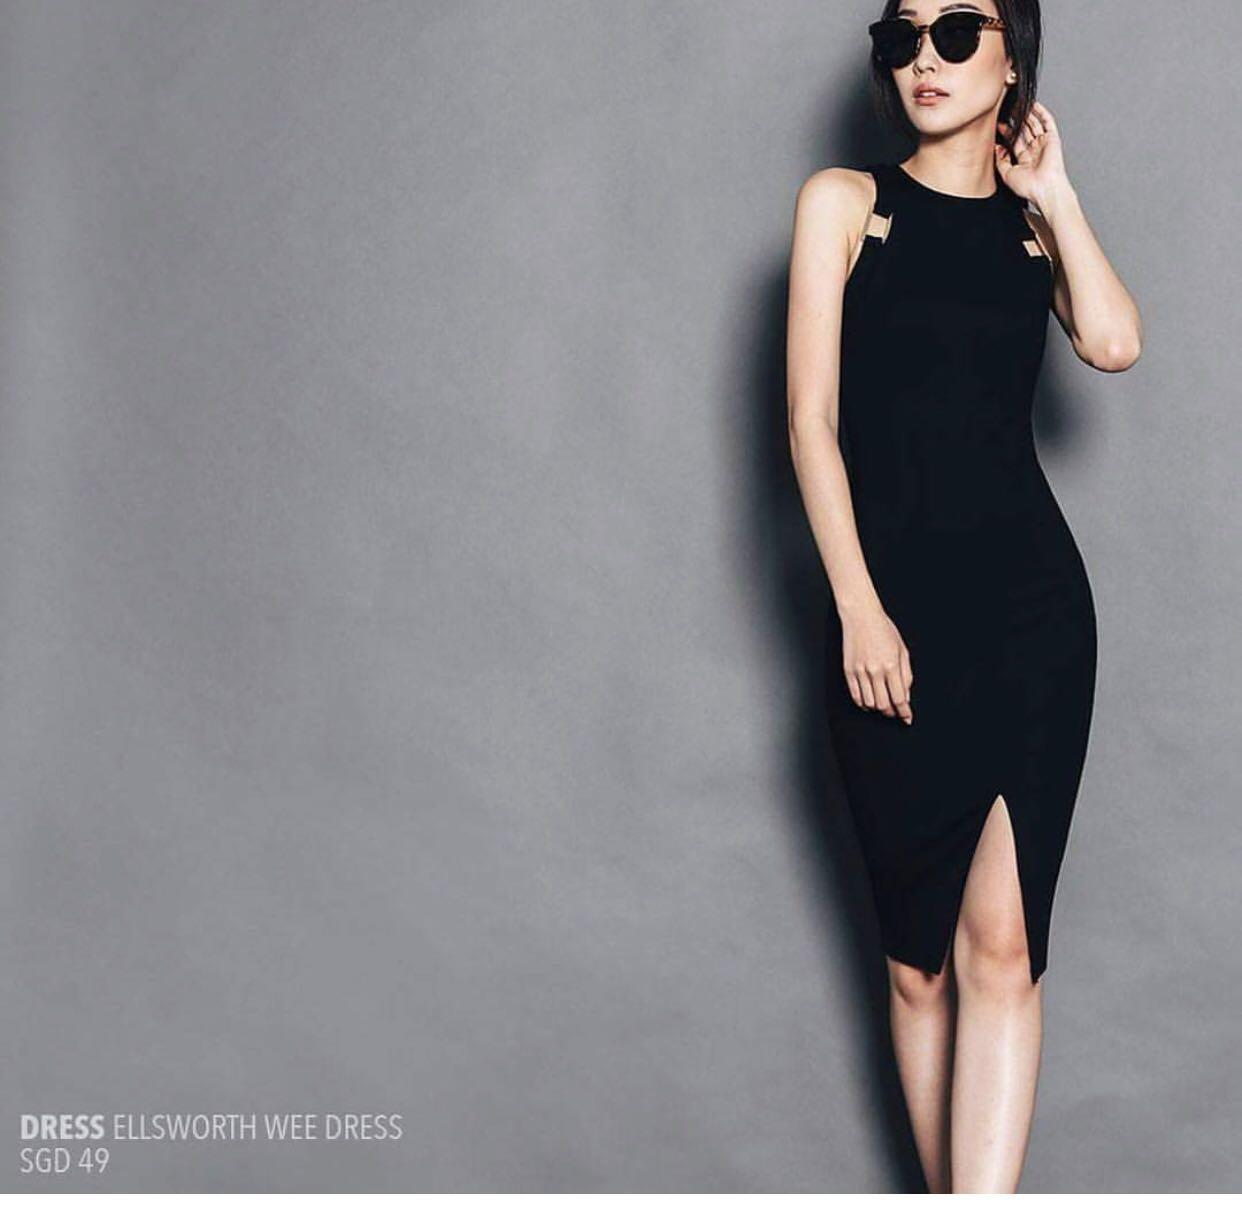 934a5cb549d LARA J ellesworth wee dress